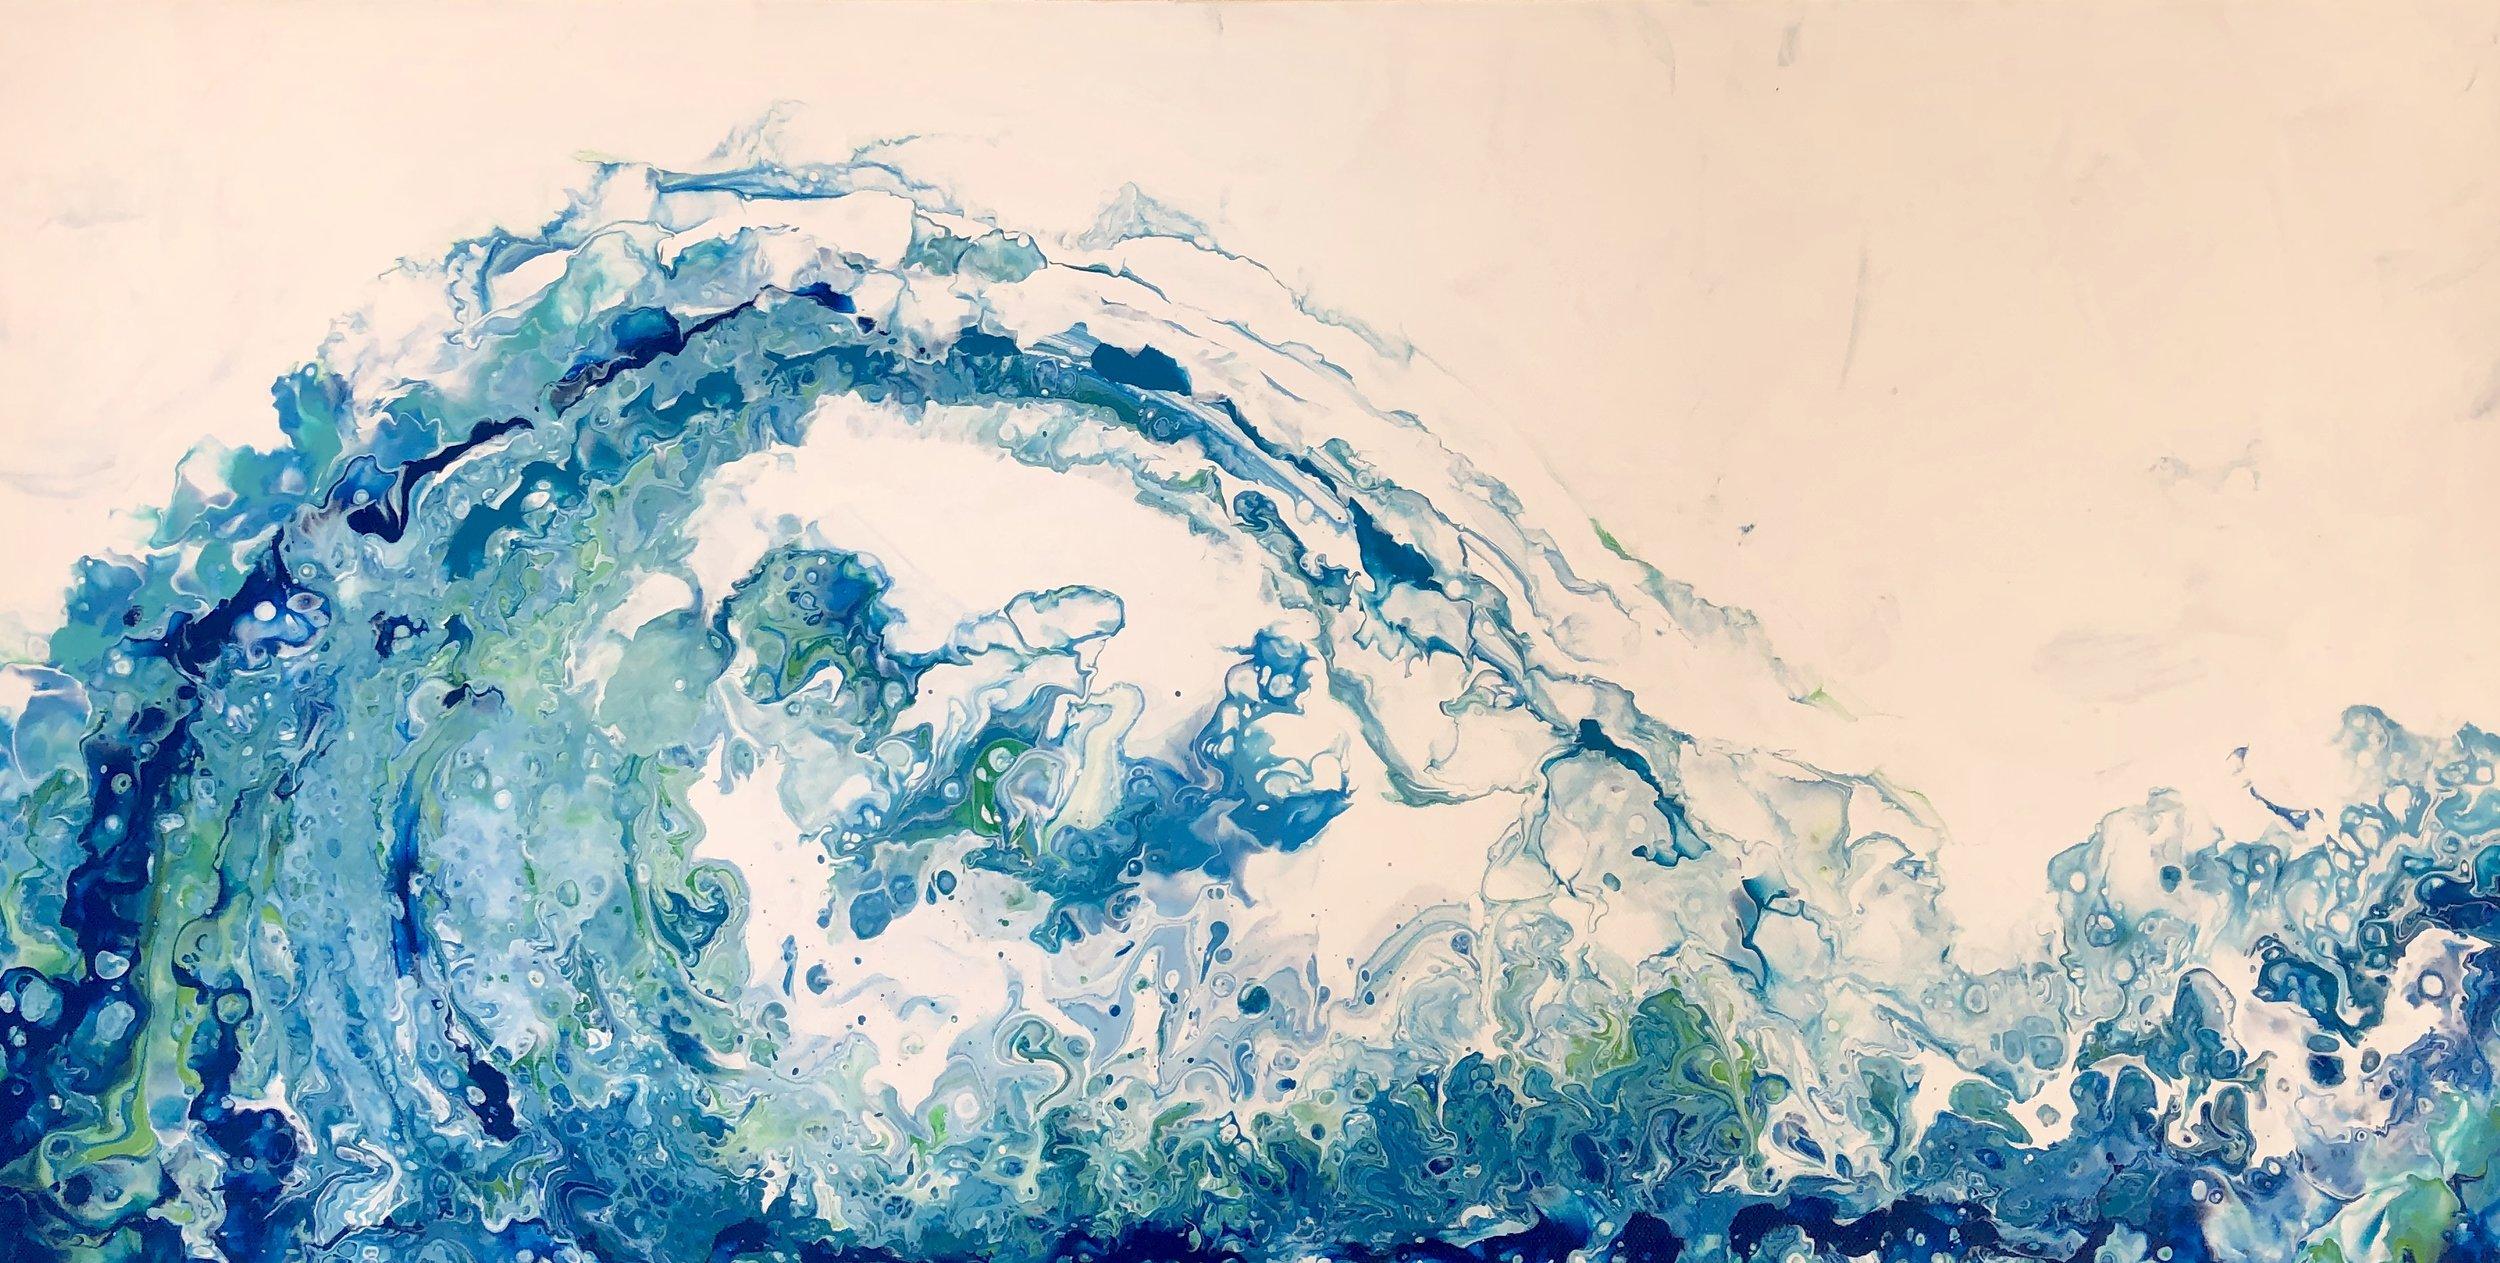 Wave Acrylic Pour